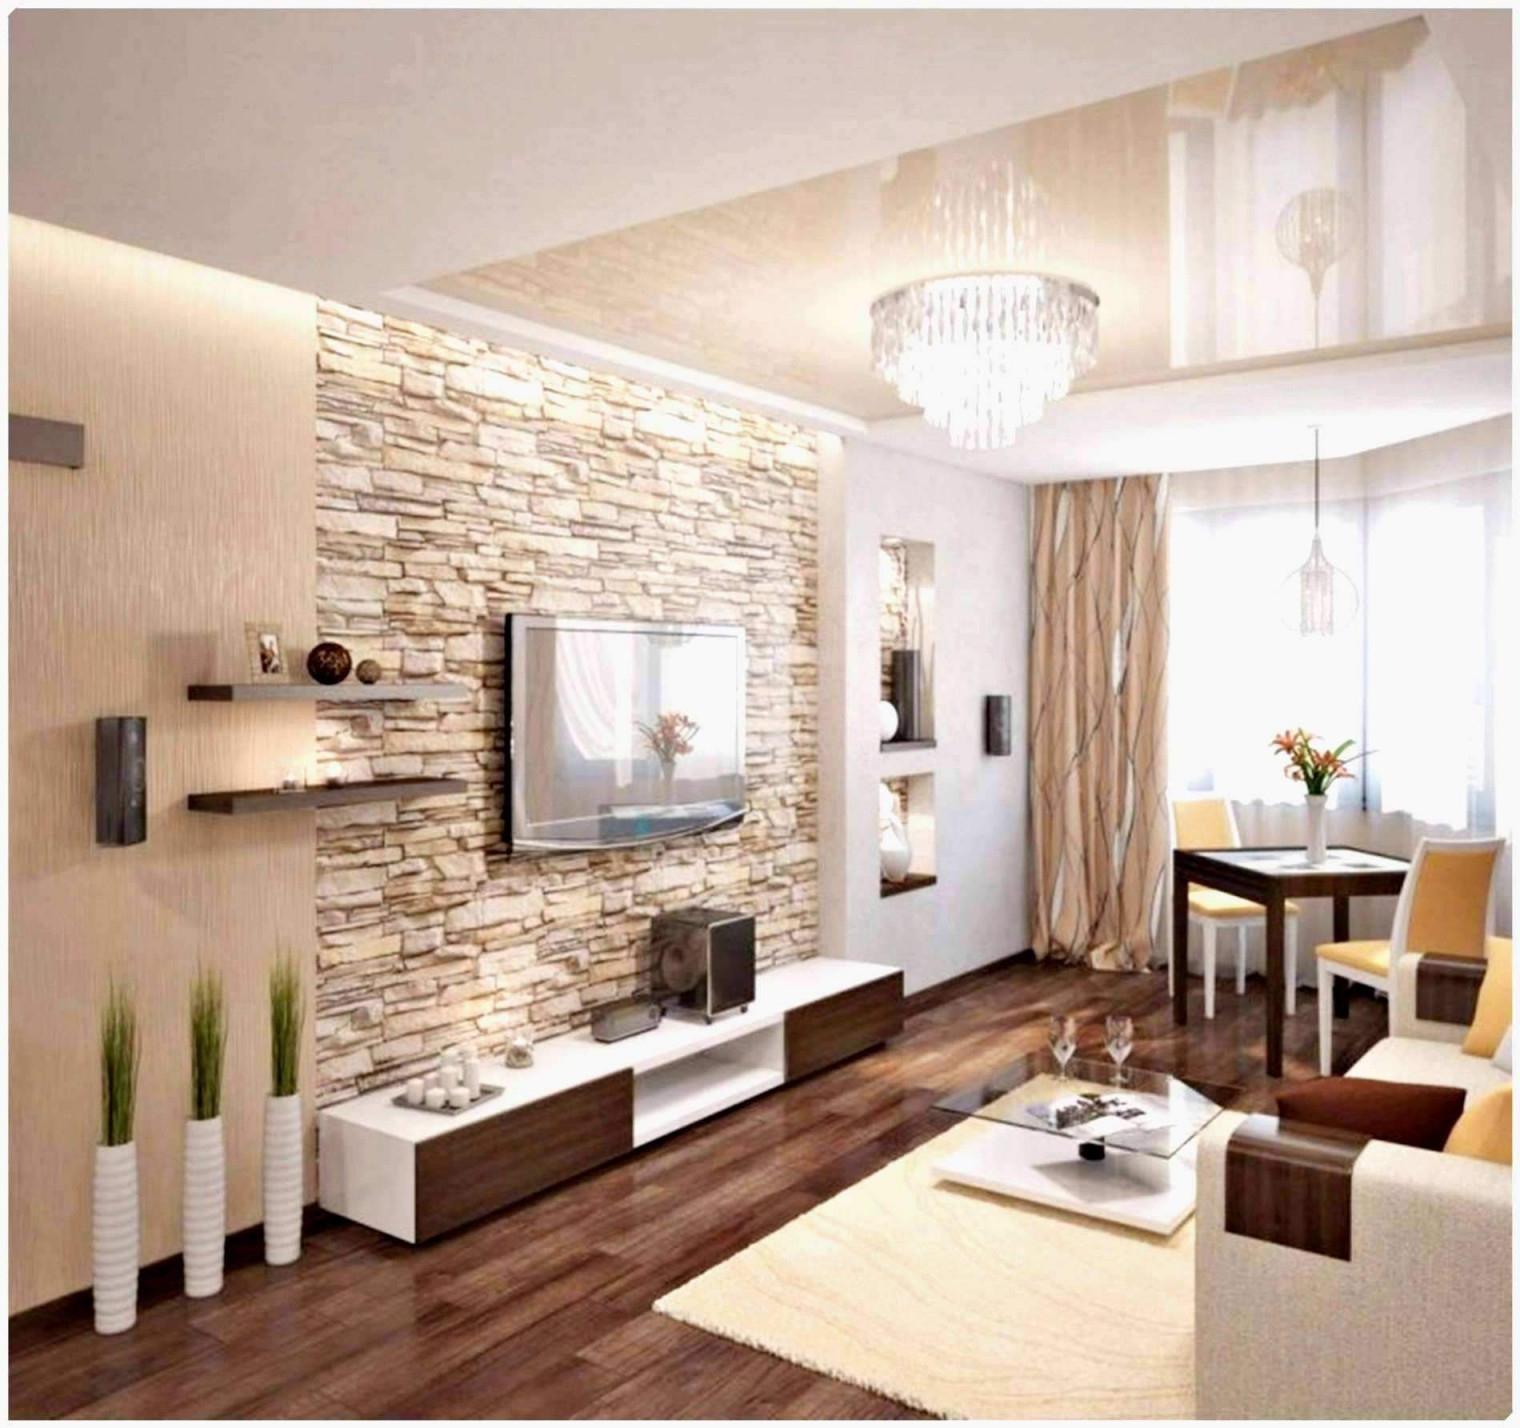 Moderne Tapeten Für Wohnzimmer Frisch 53 Schön Tapeten Für von Schöne Tapeten Für Das Wohnzimmer Bild